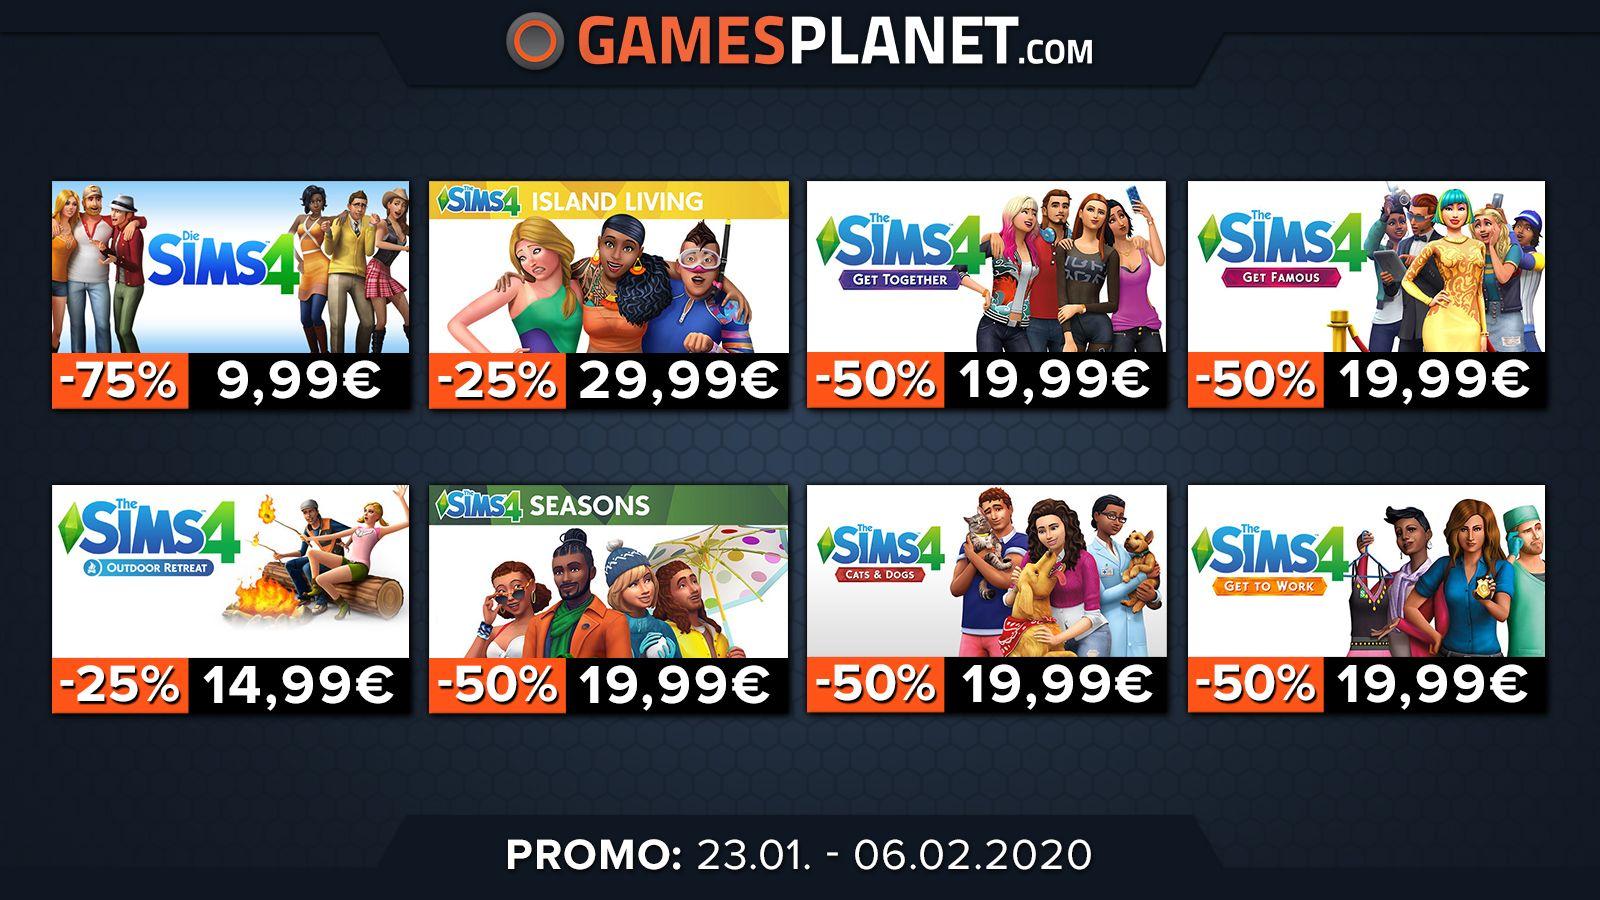 Gamesplanet : Les Sims 4 à -75%, Borderlands 3 à 35,99€ et d'autres !